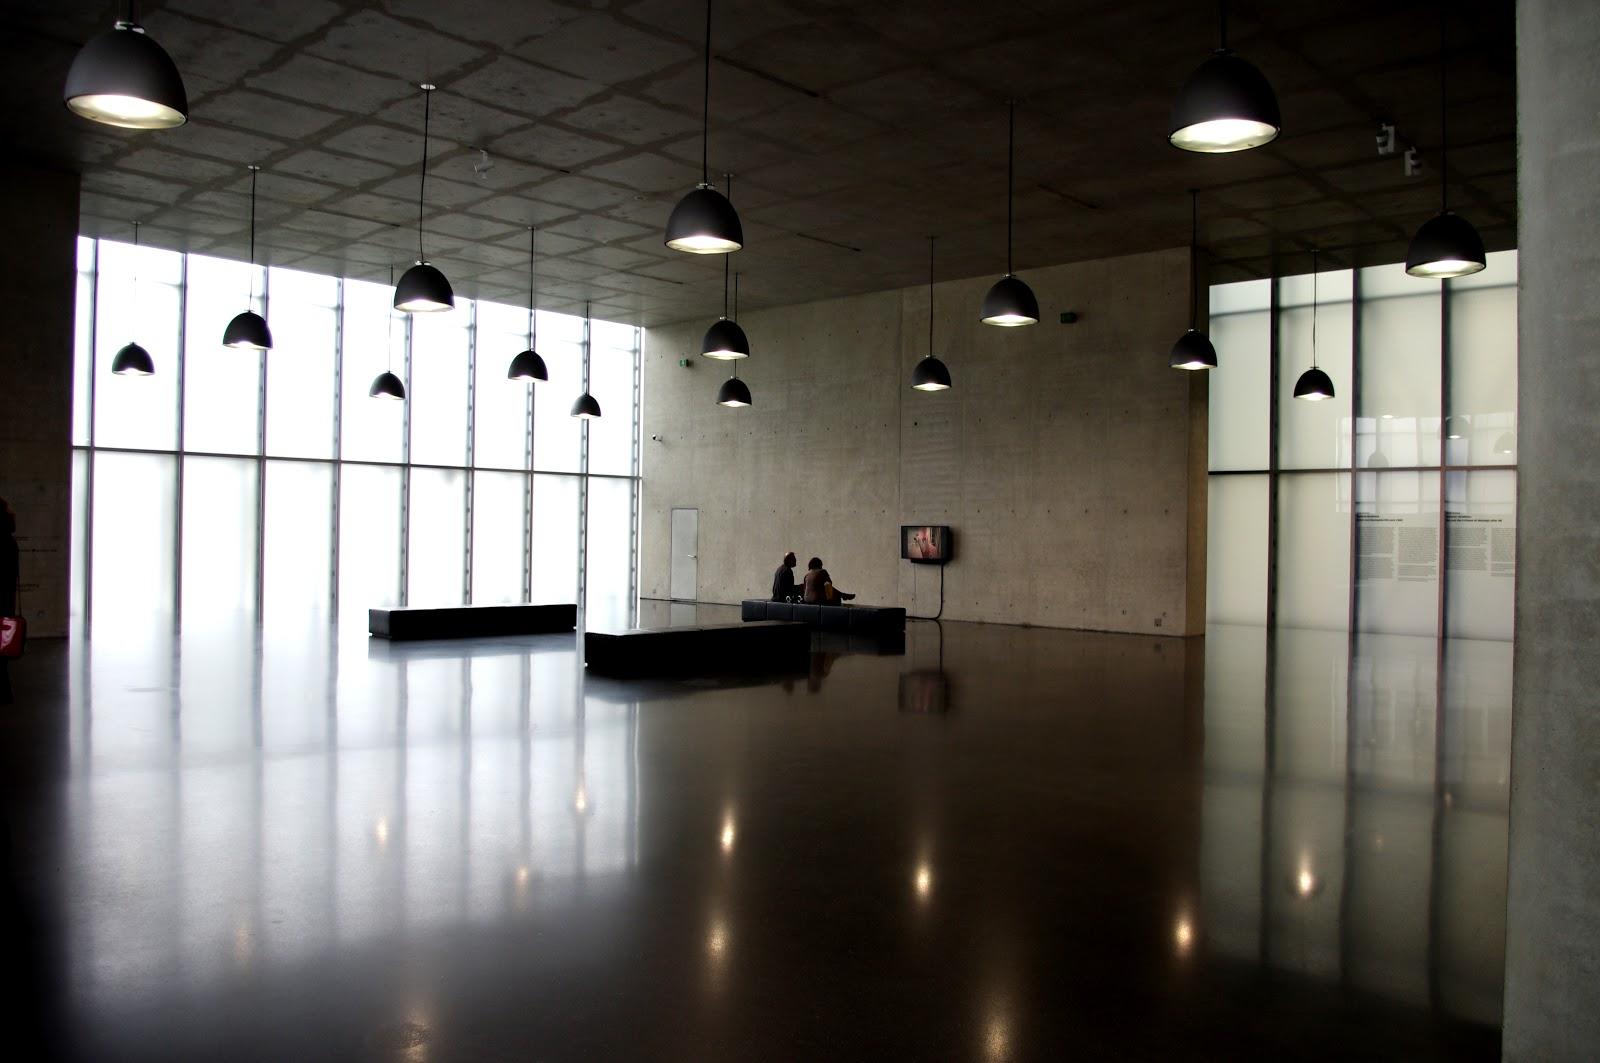 m2c blog kunsthaus bregenz by peter zumthor. Black Bedroom Furniture Sets. Home Design Ideas